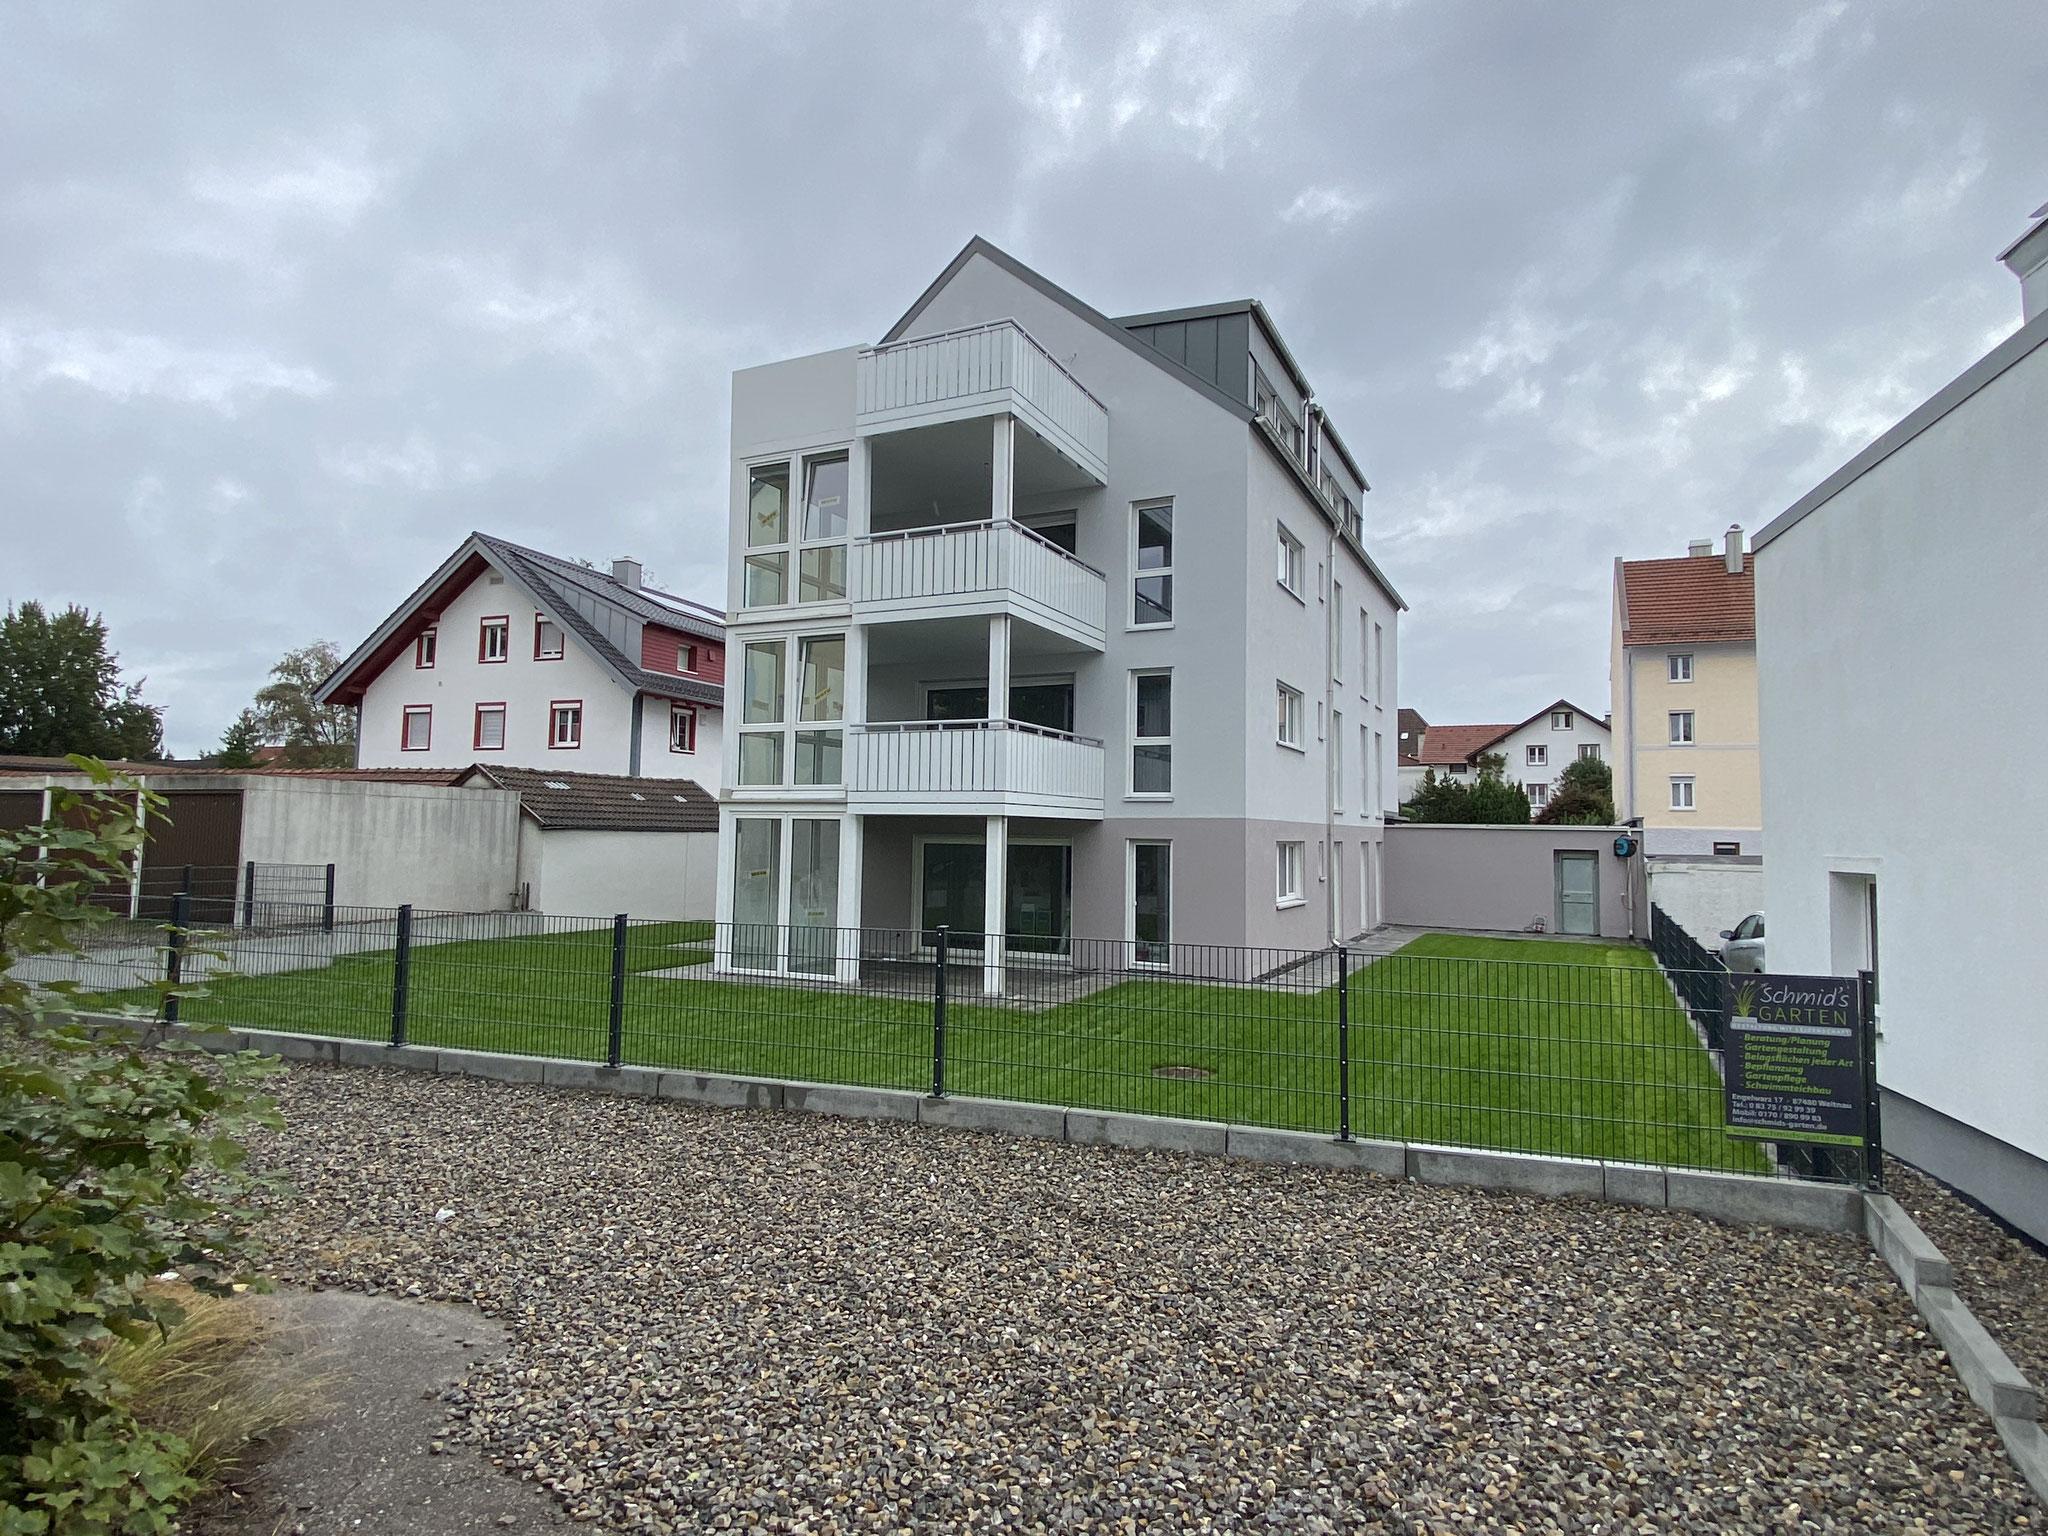 BV: Sankt Mang Schlüsselfertiges 4 Fam. Haus mit Garagen